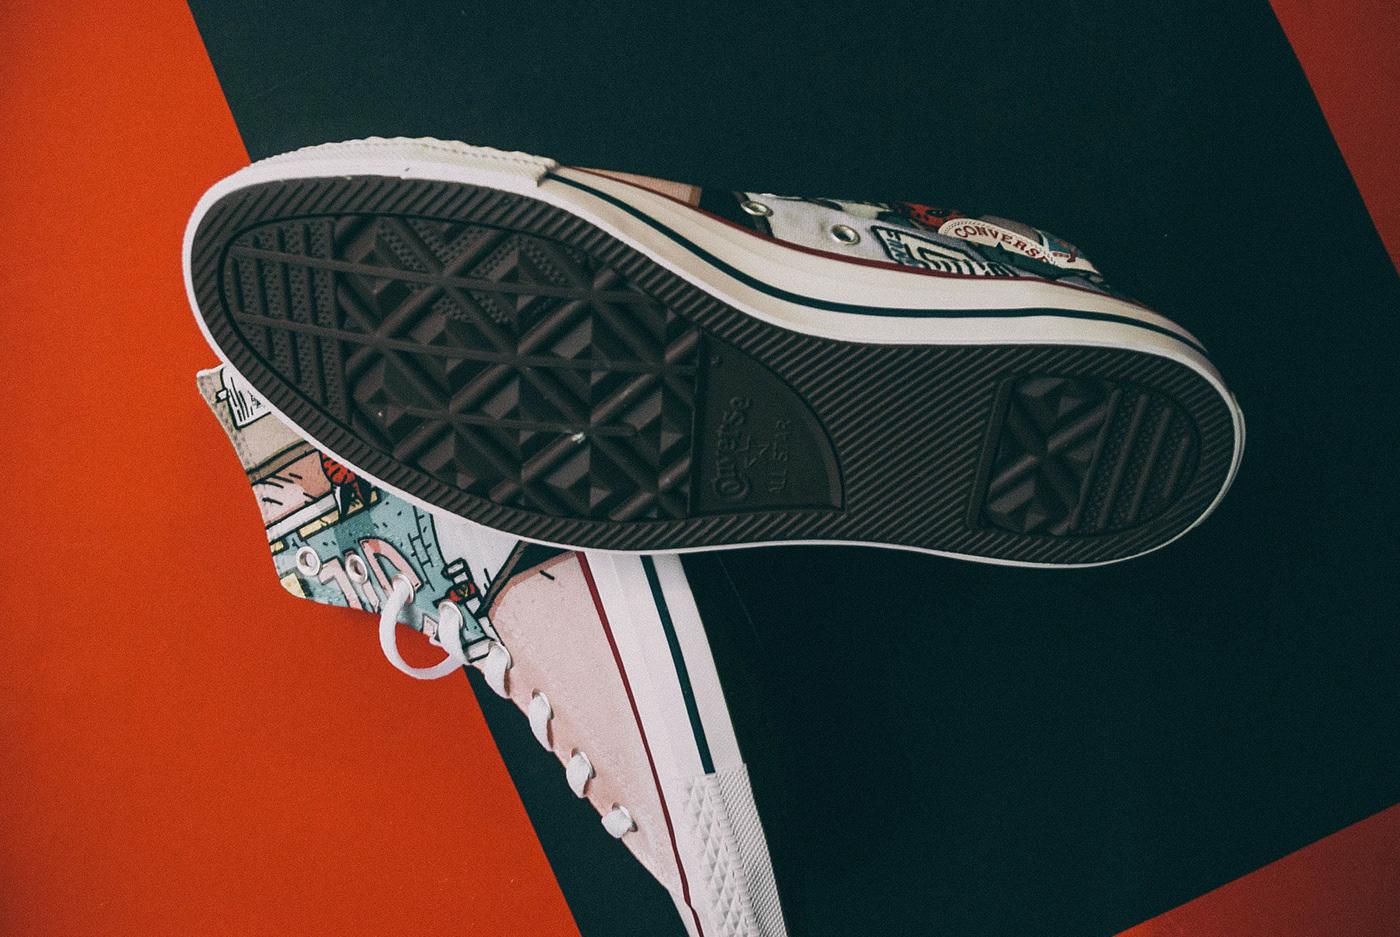 d2e5939600d9d3 Классическая модель Converse «All Star» выпущеная в 1917 году успела стать  символом легендарного бренда и по праву считается самой популярной моделью  обуви ...